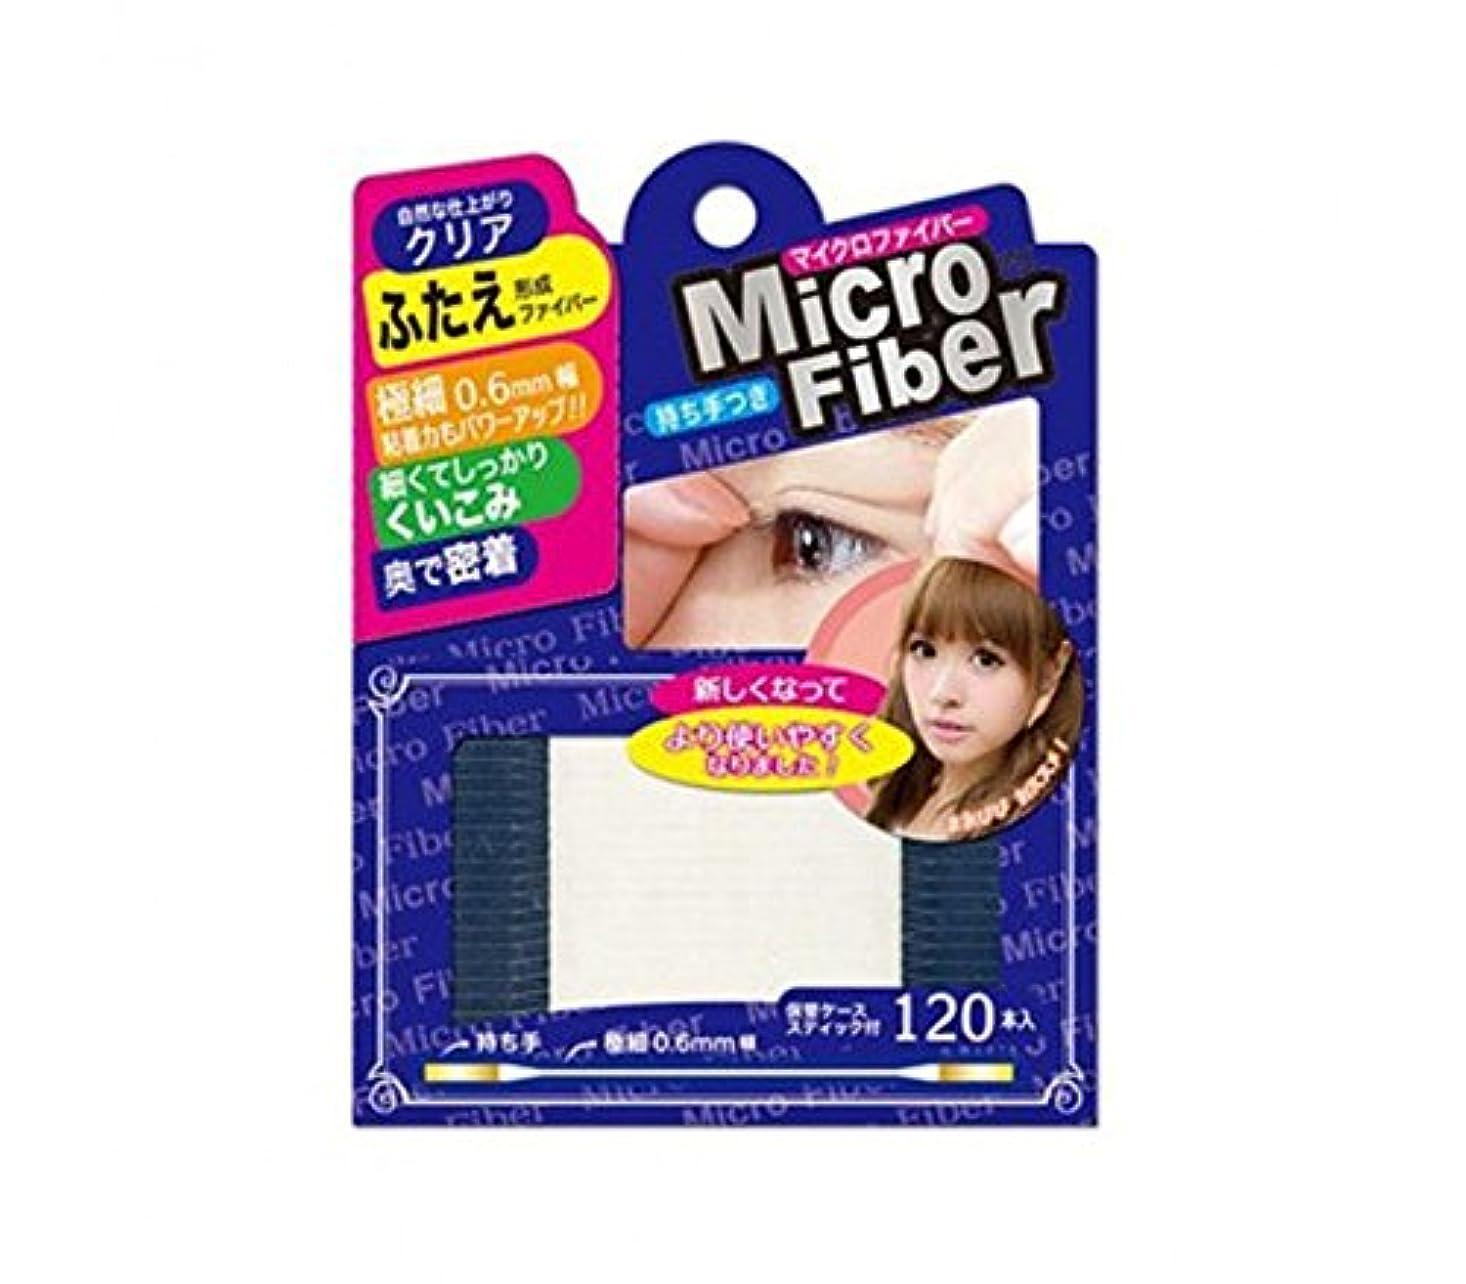 豆腐シェルターハーフビーエヌ マイクロファイバーEX クリア 120本 NMC-01 2個セット (2)